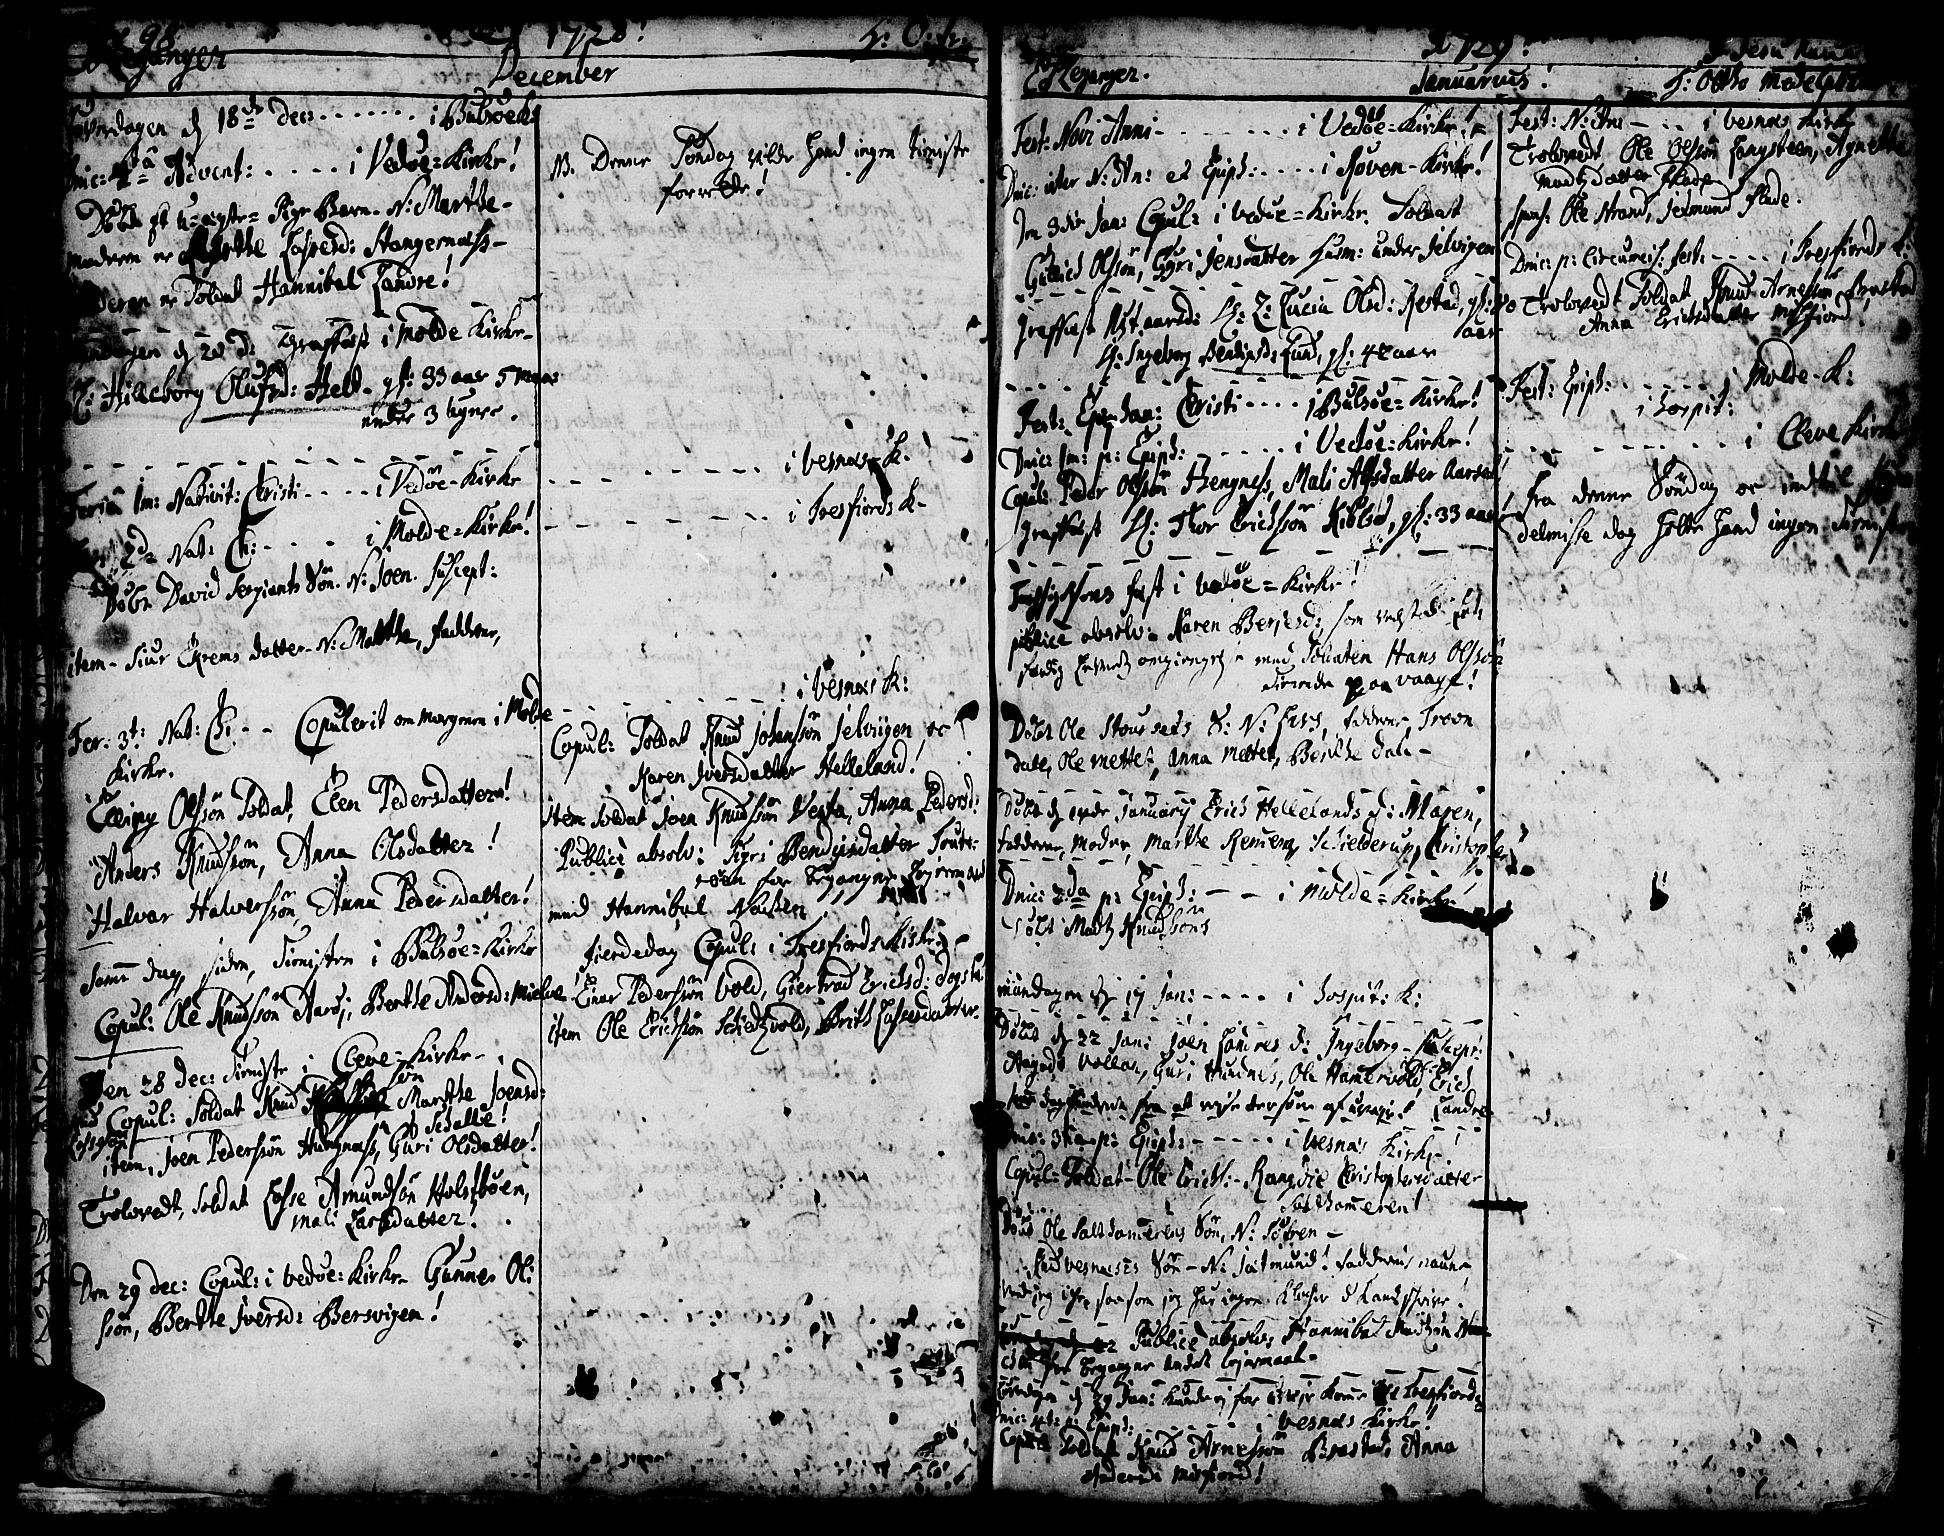 SAT, Ministerialprotokoller, klokkerbøker og fødselsregistre - Møre og Romsdal, 547/L0599: Ministerialbok nr. 547A01, 1721-1764, s. 100-101